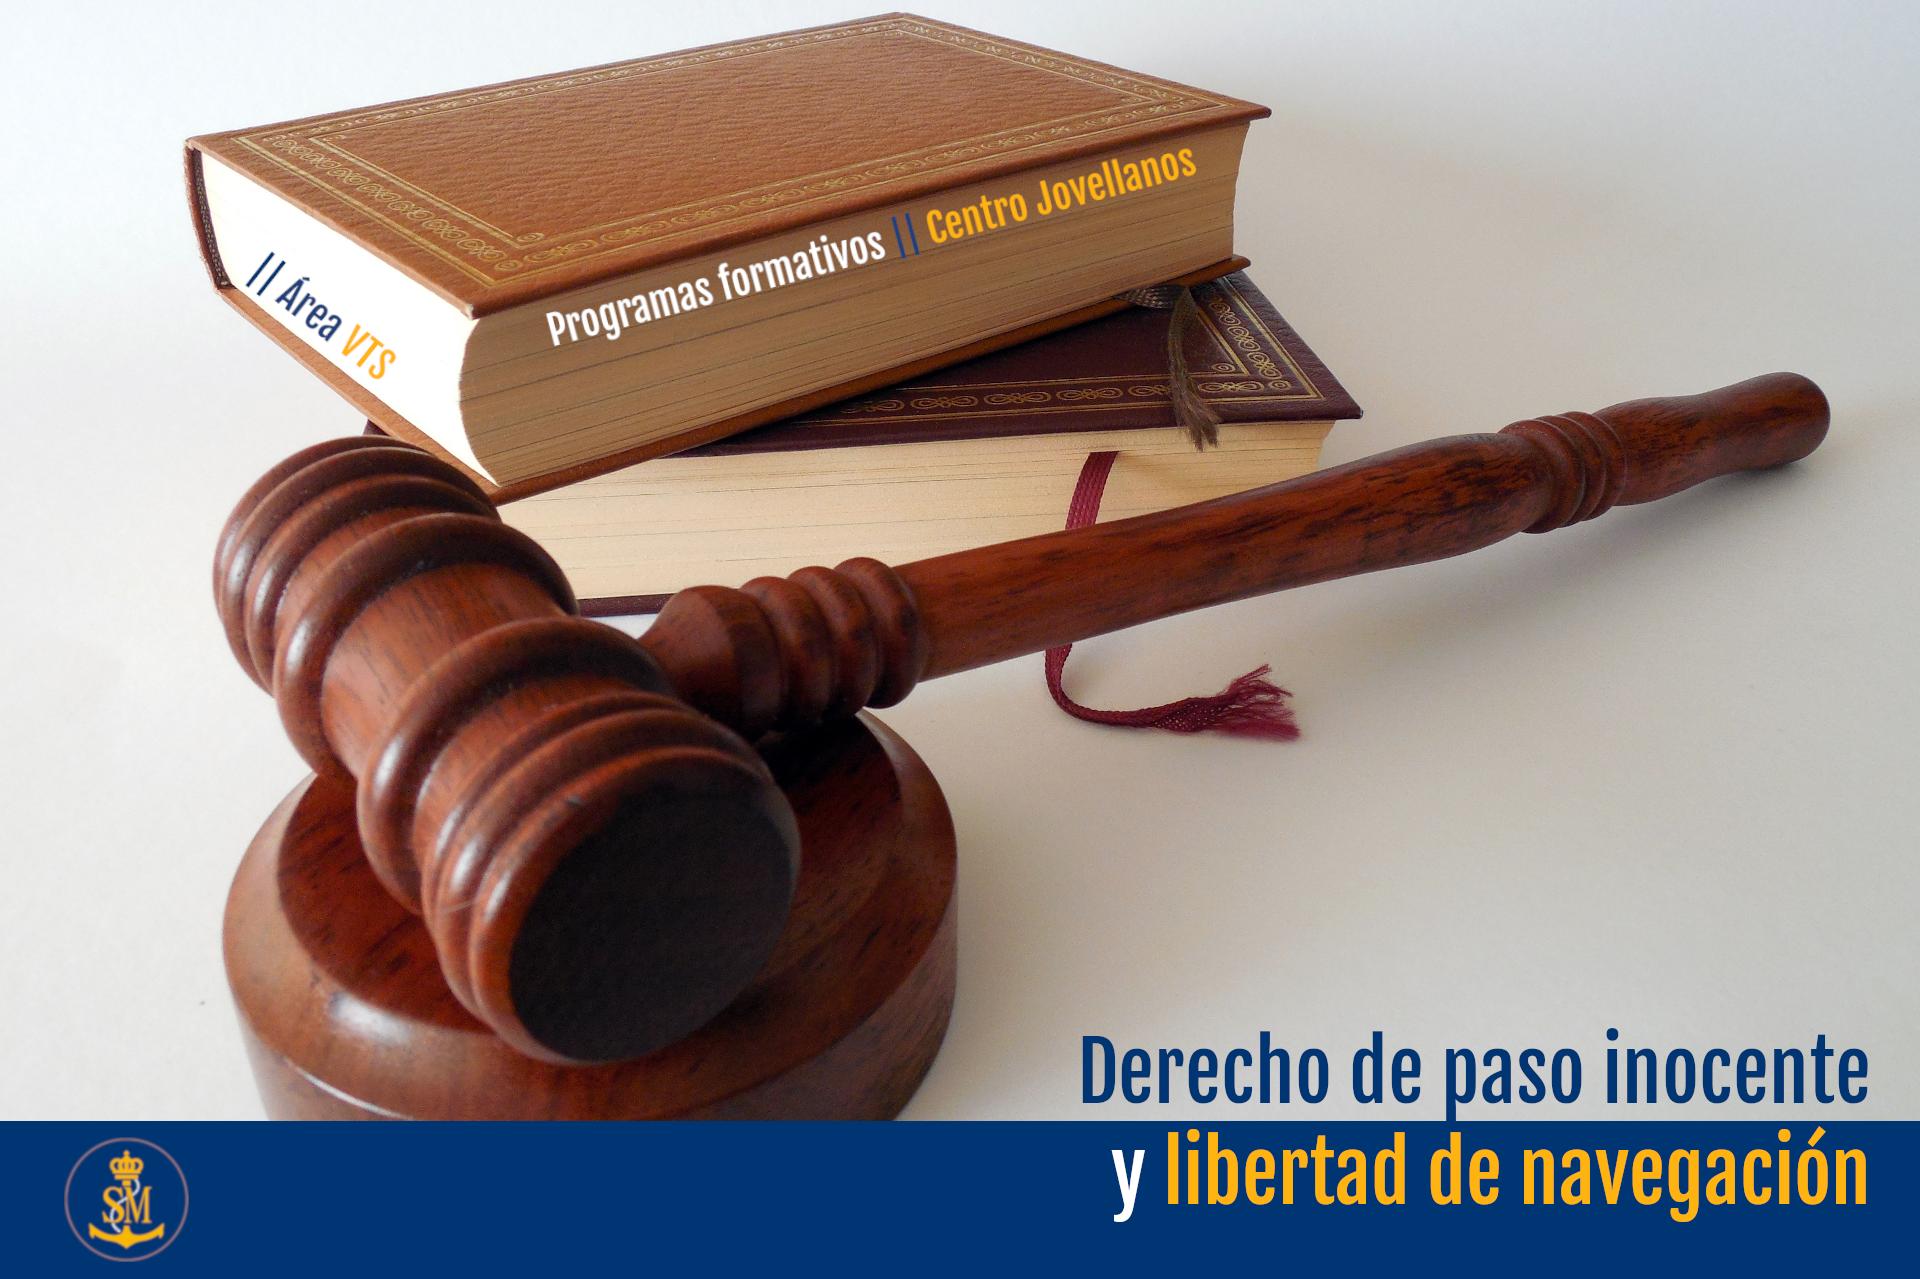 Derecho de paso inocente y libertad de navegación